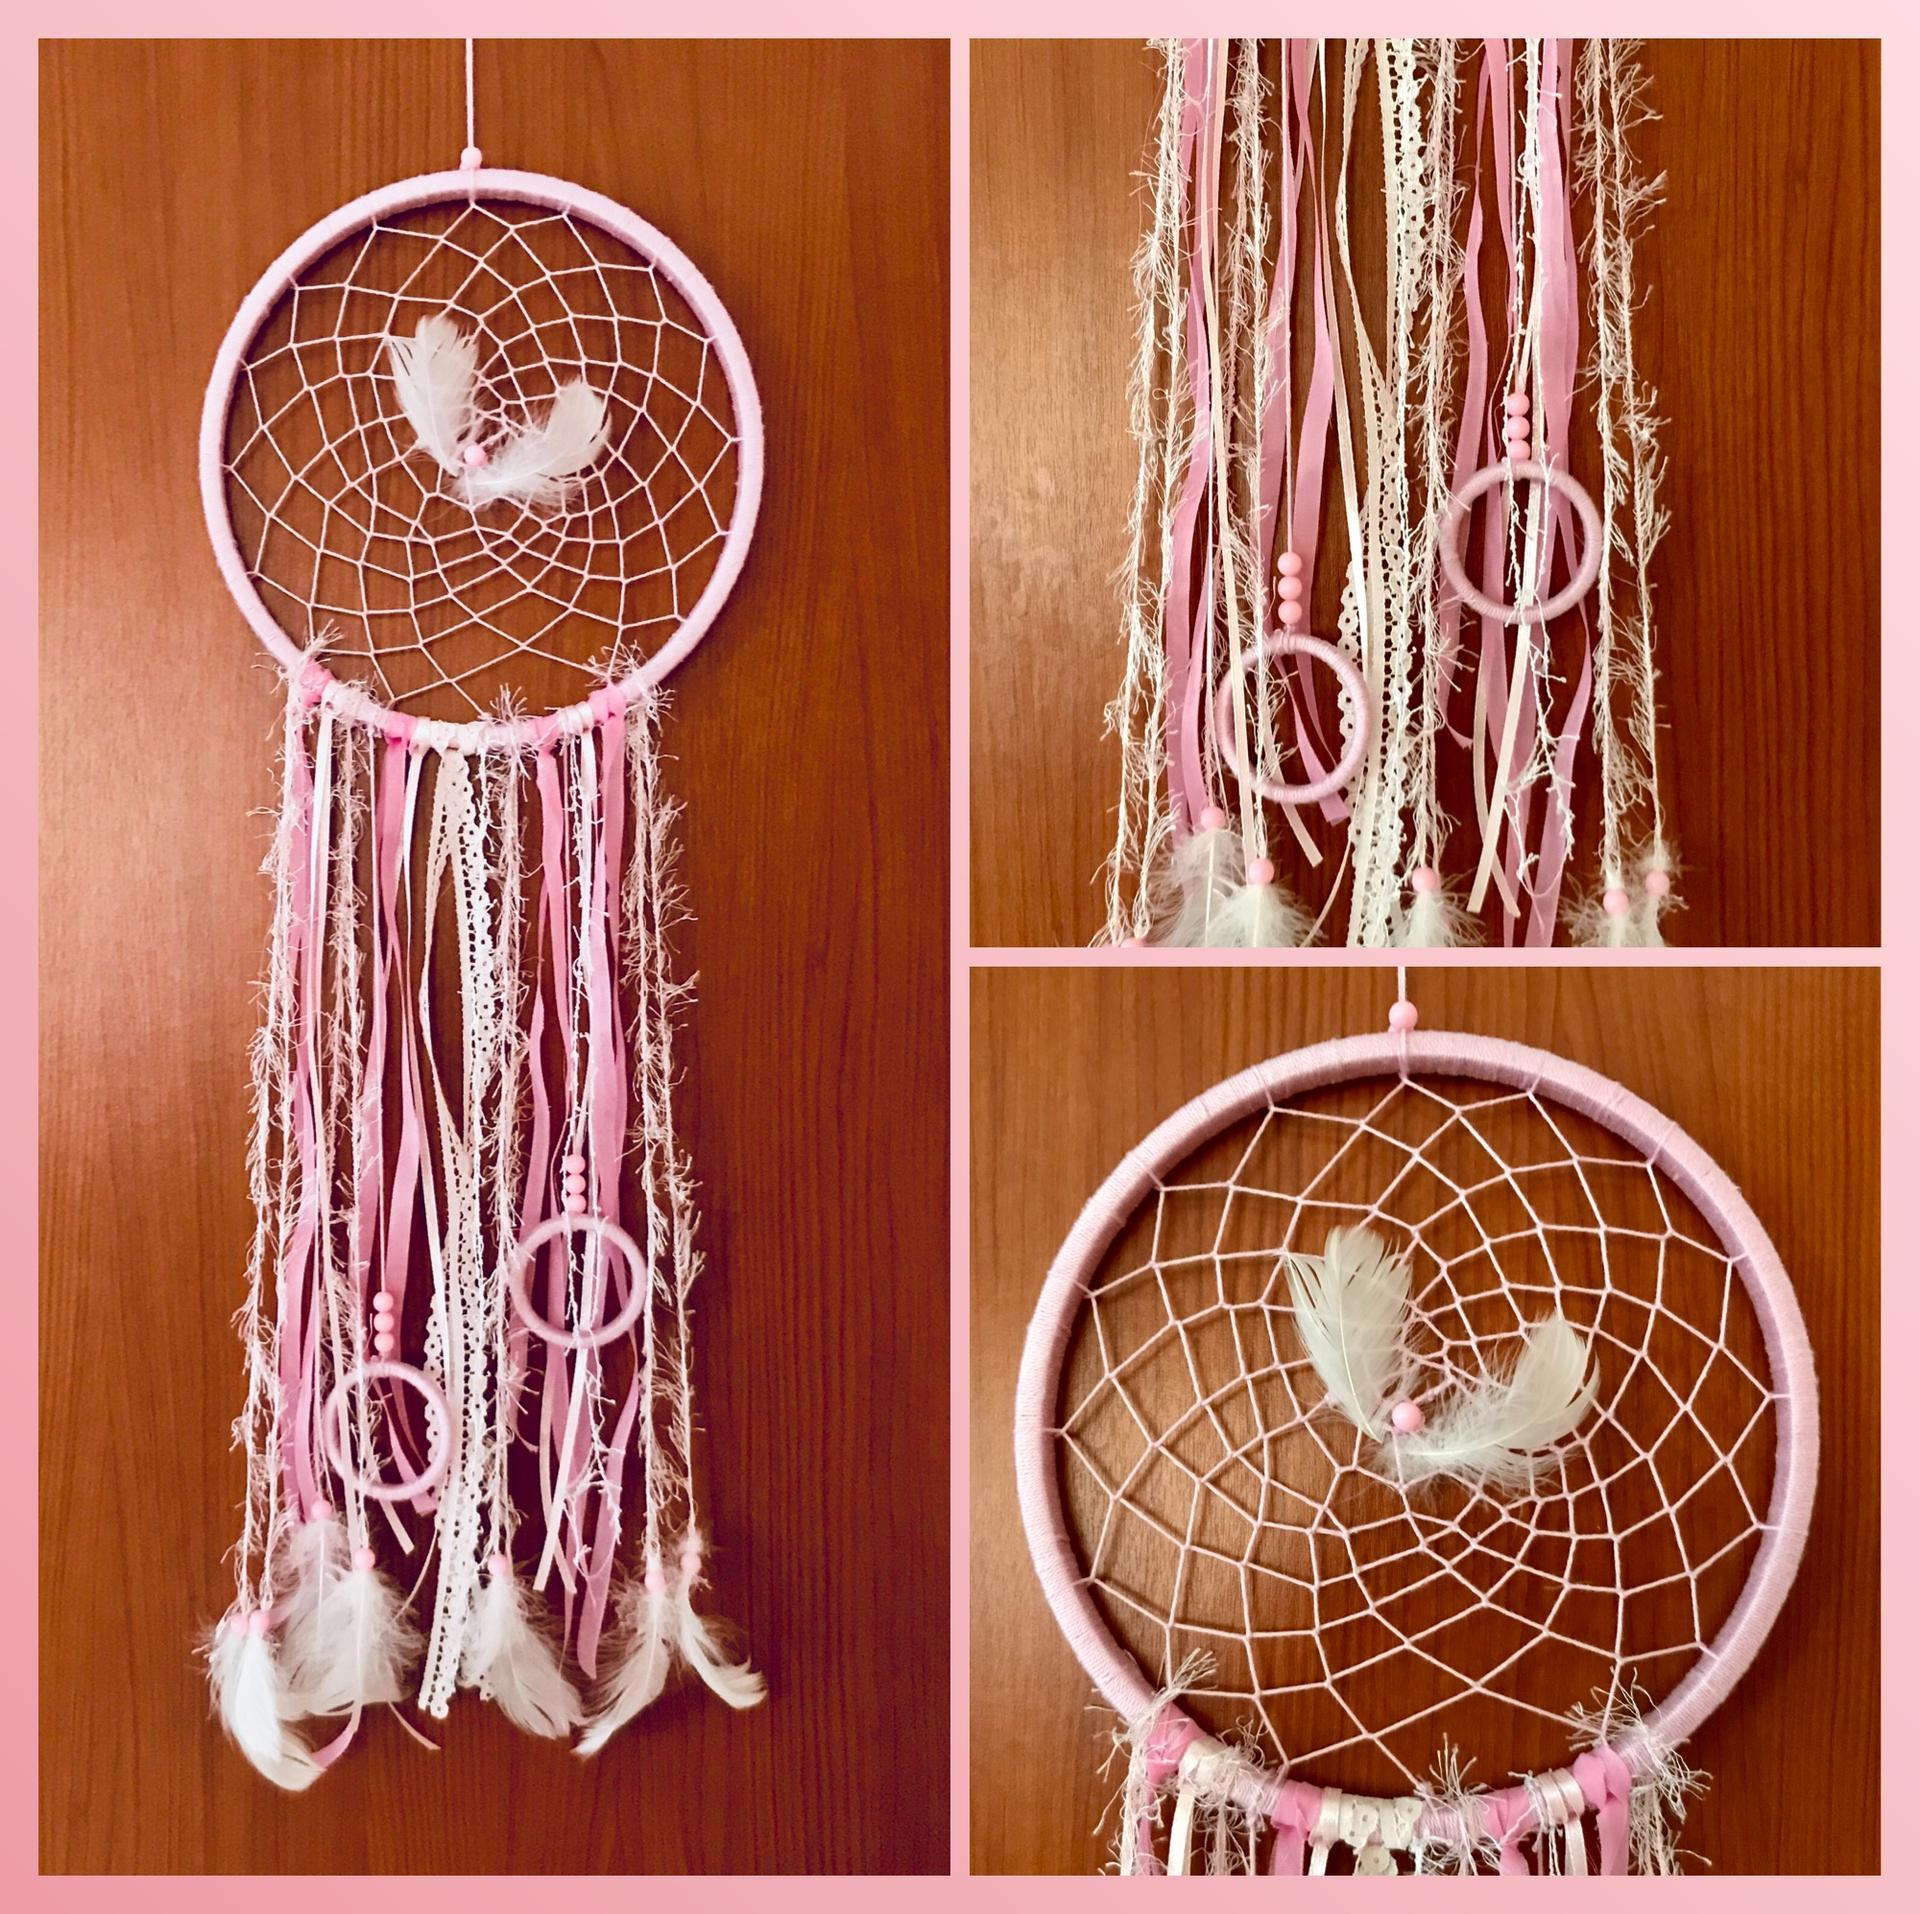 Miluji tvořit - Růžová s bílou, korálky, peříčka, kroužky ☺️